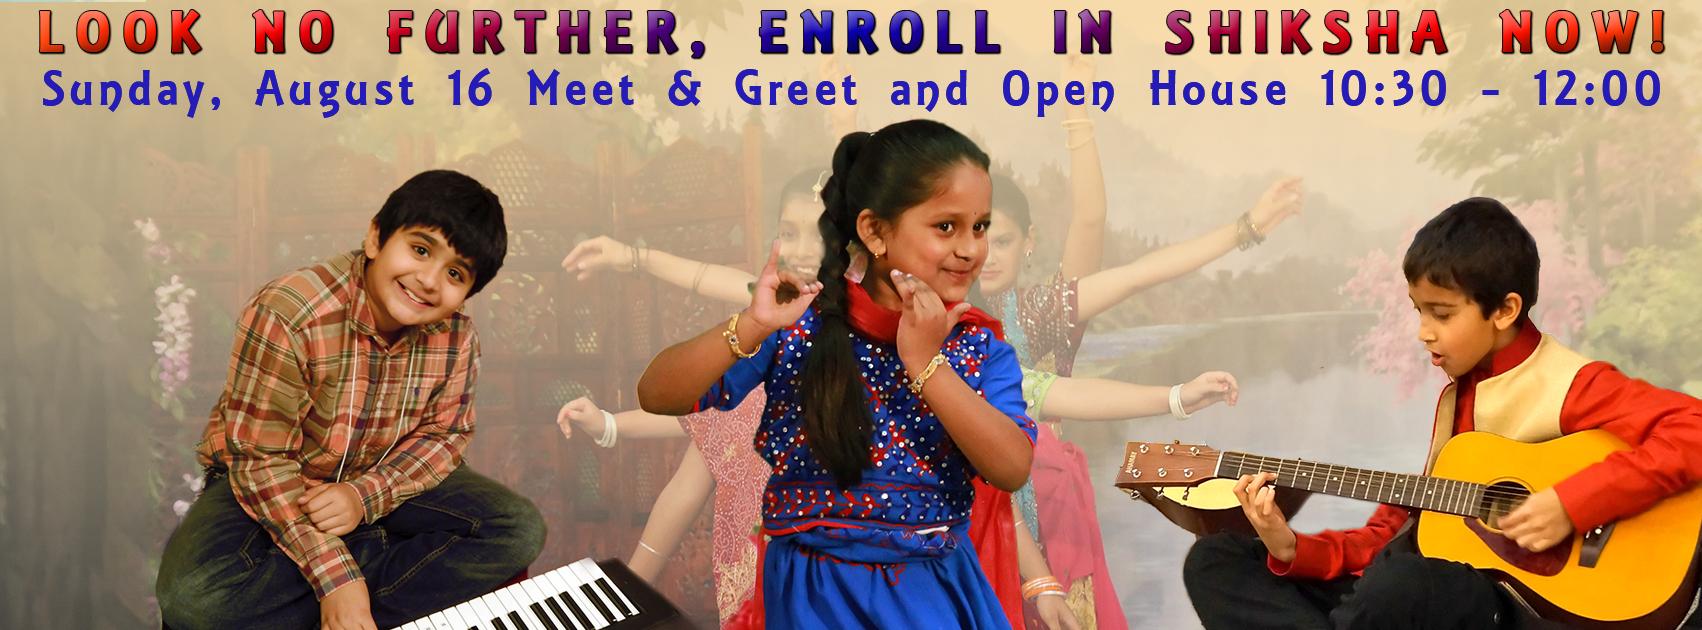 Shiksha-fb-profile-banner (1)